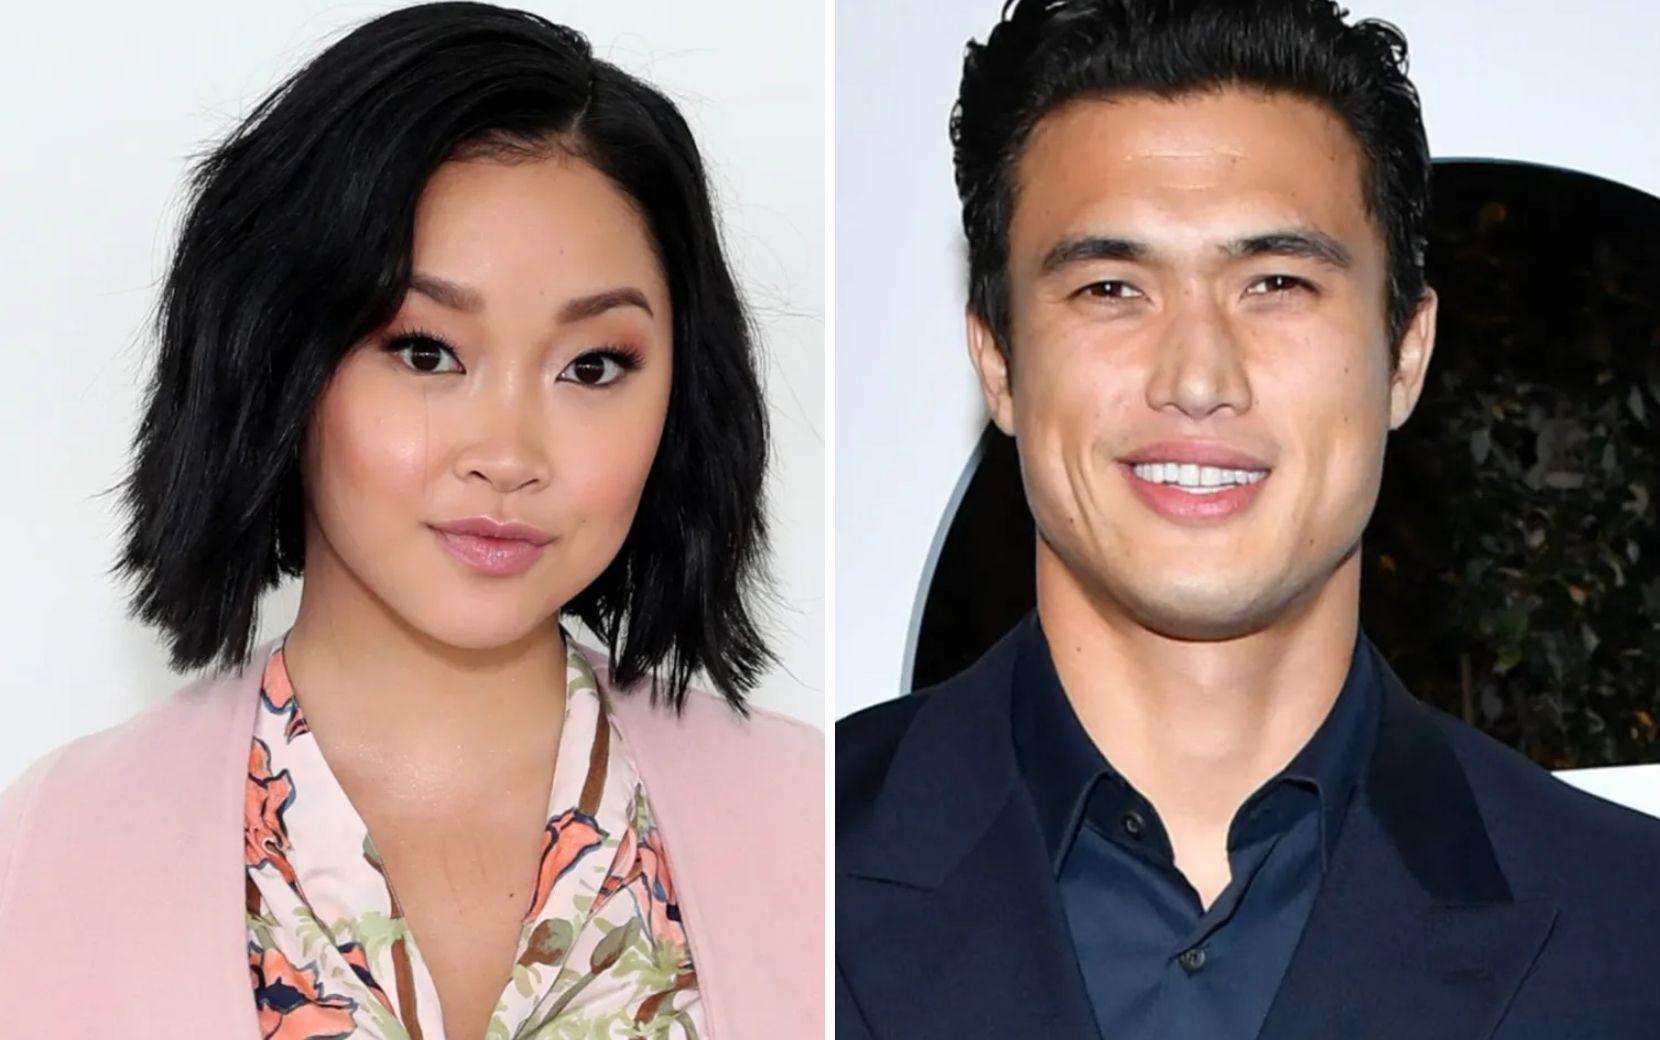 #StopAsianHate: Lana Condor, Charles Melton e outras celebridades se pronunciam contra discursos de ódio a asiáticos - entenda!